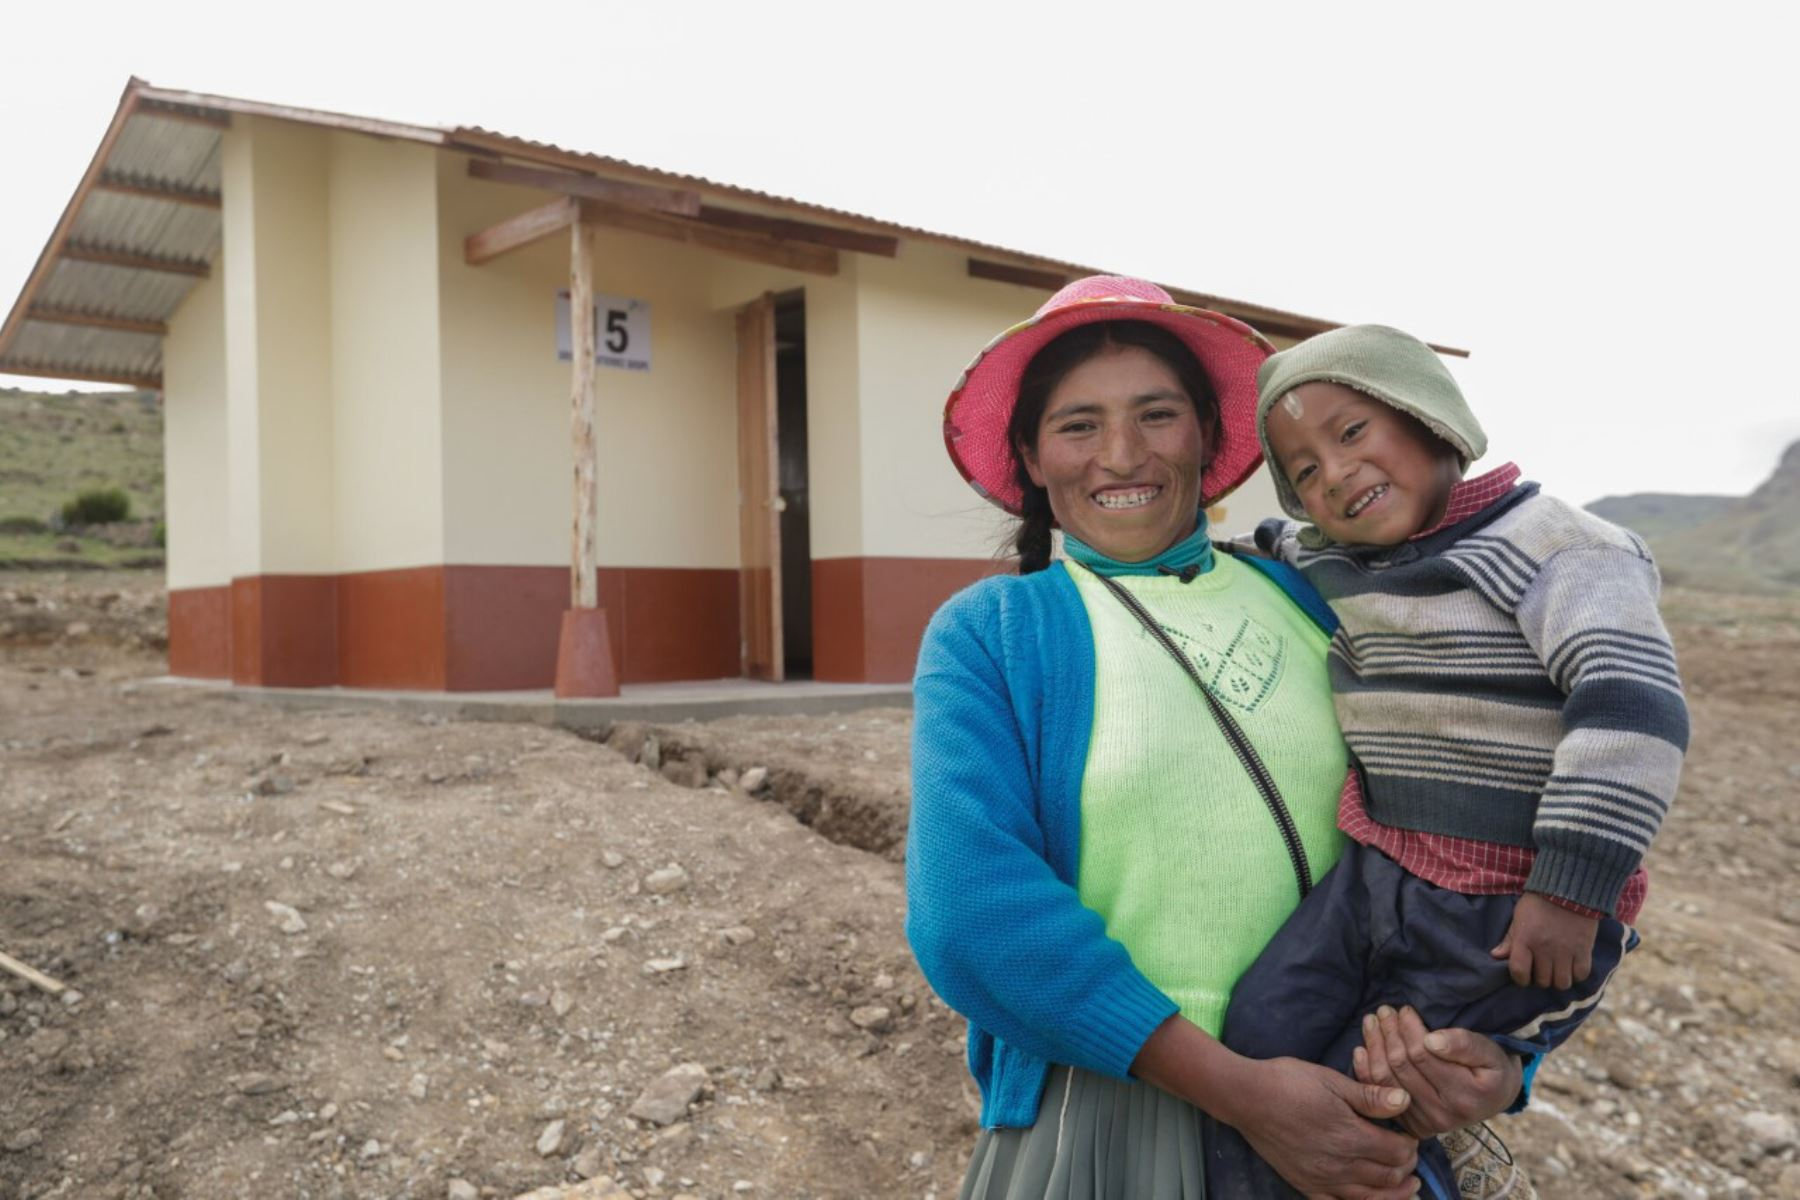 Operación Abrigo: 415 familias rurales arequipeñas contarán con casas bioclimáticas